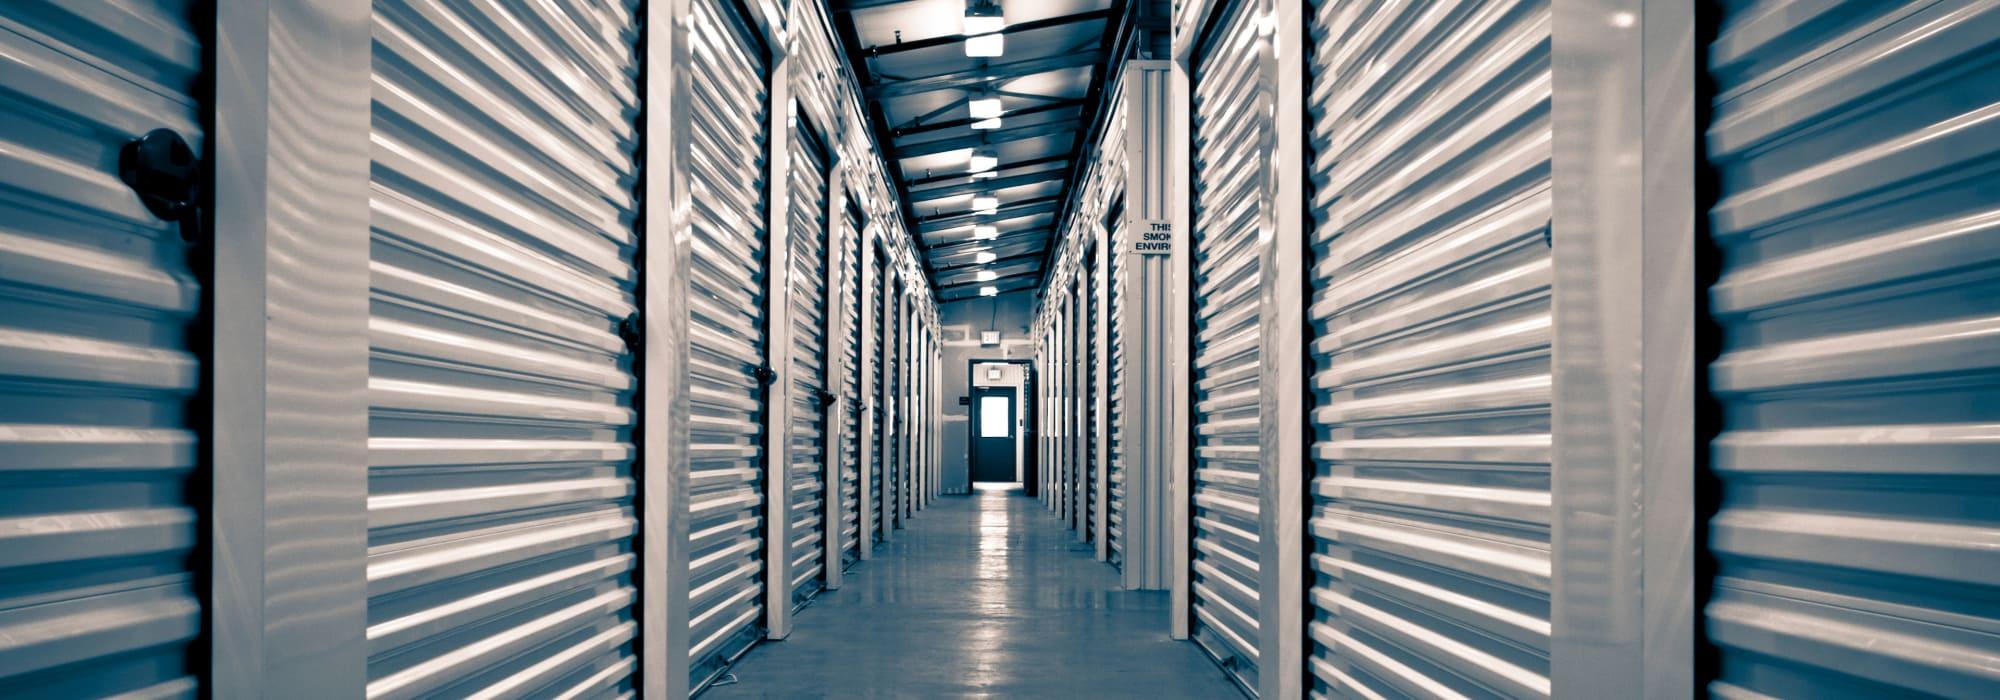 Self storage at Towne Storage in North Las Vegas, Nevada